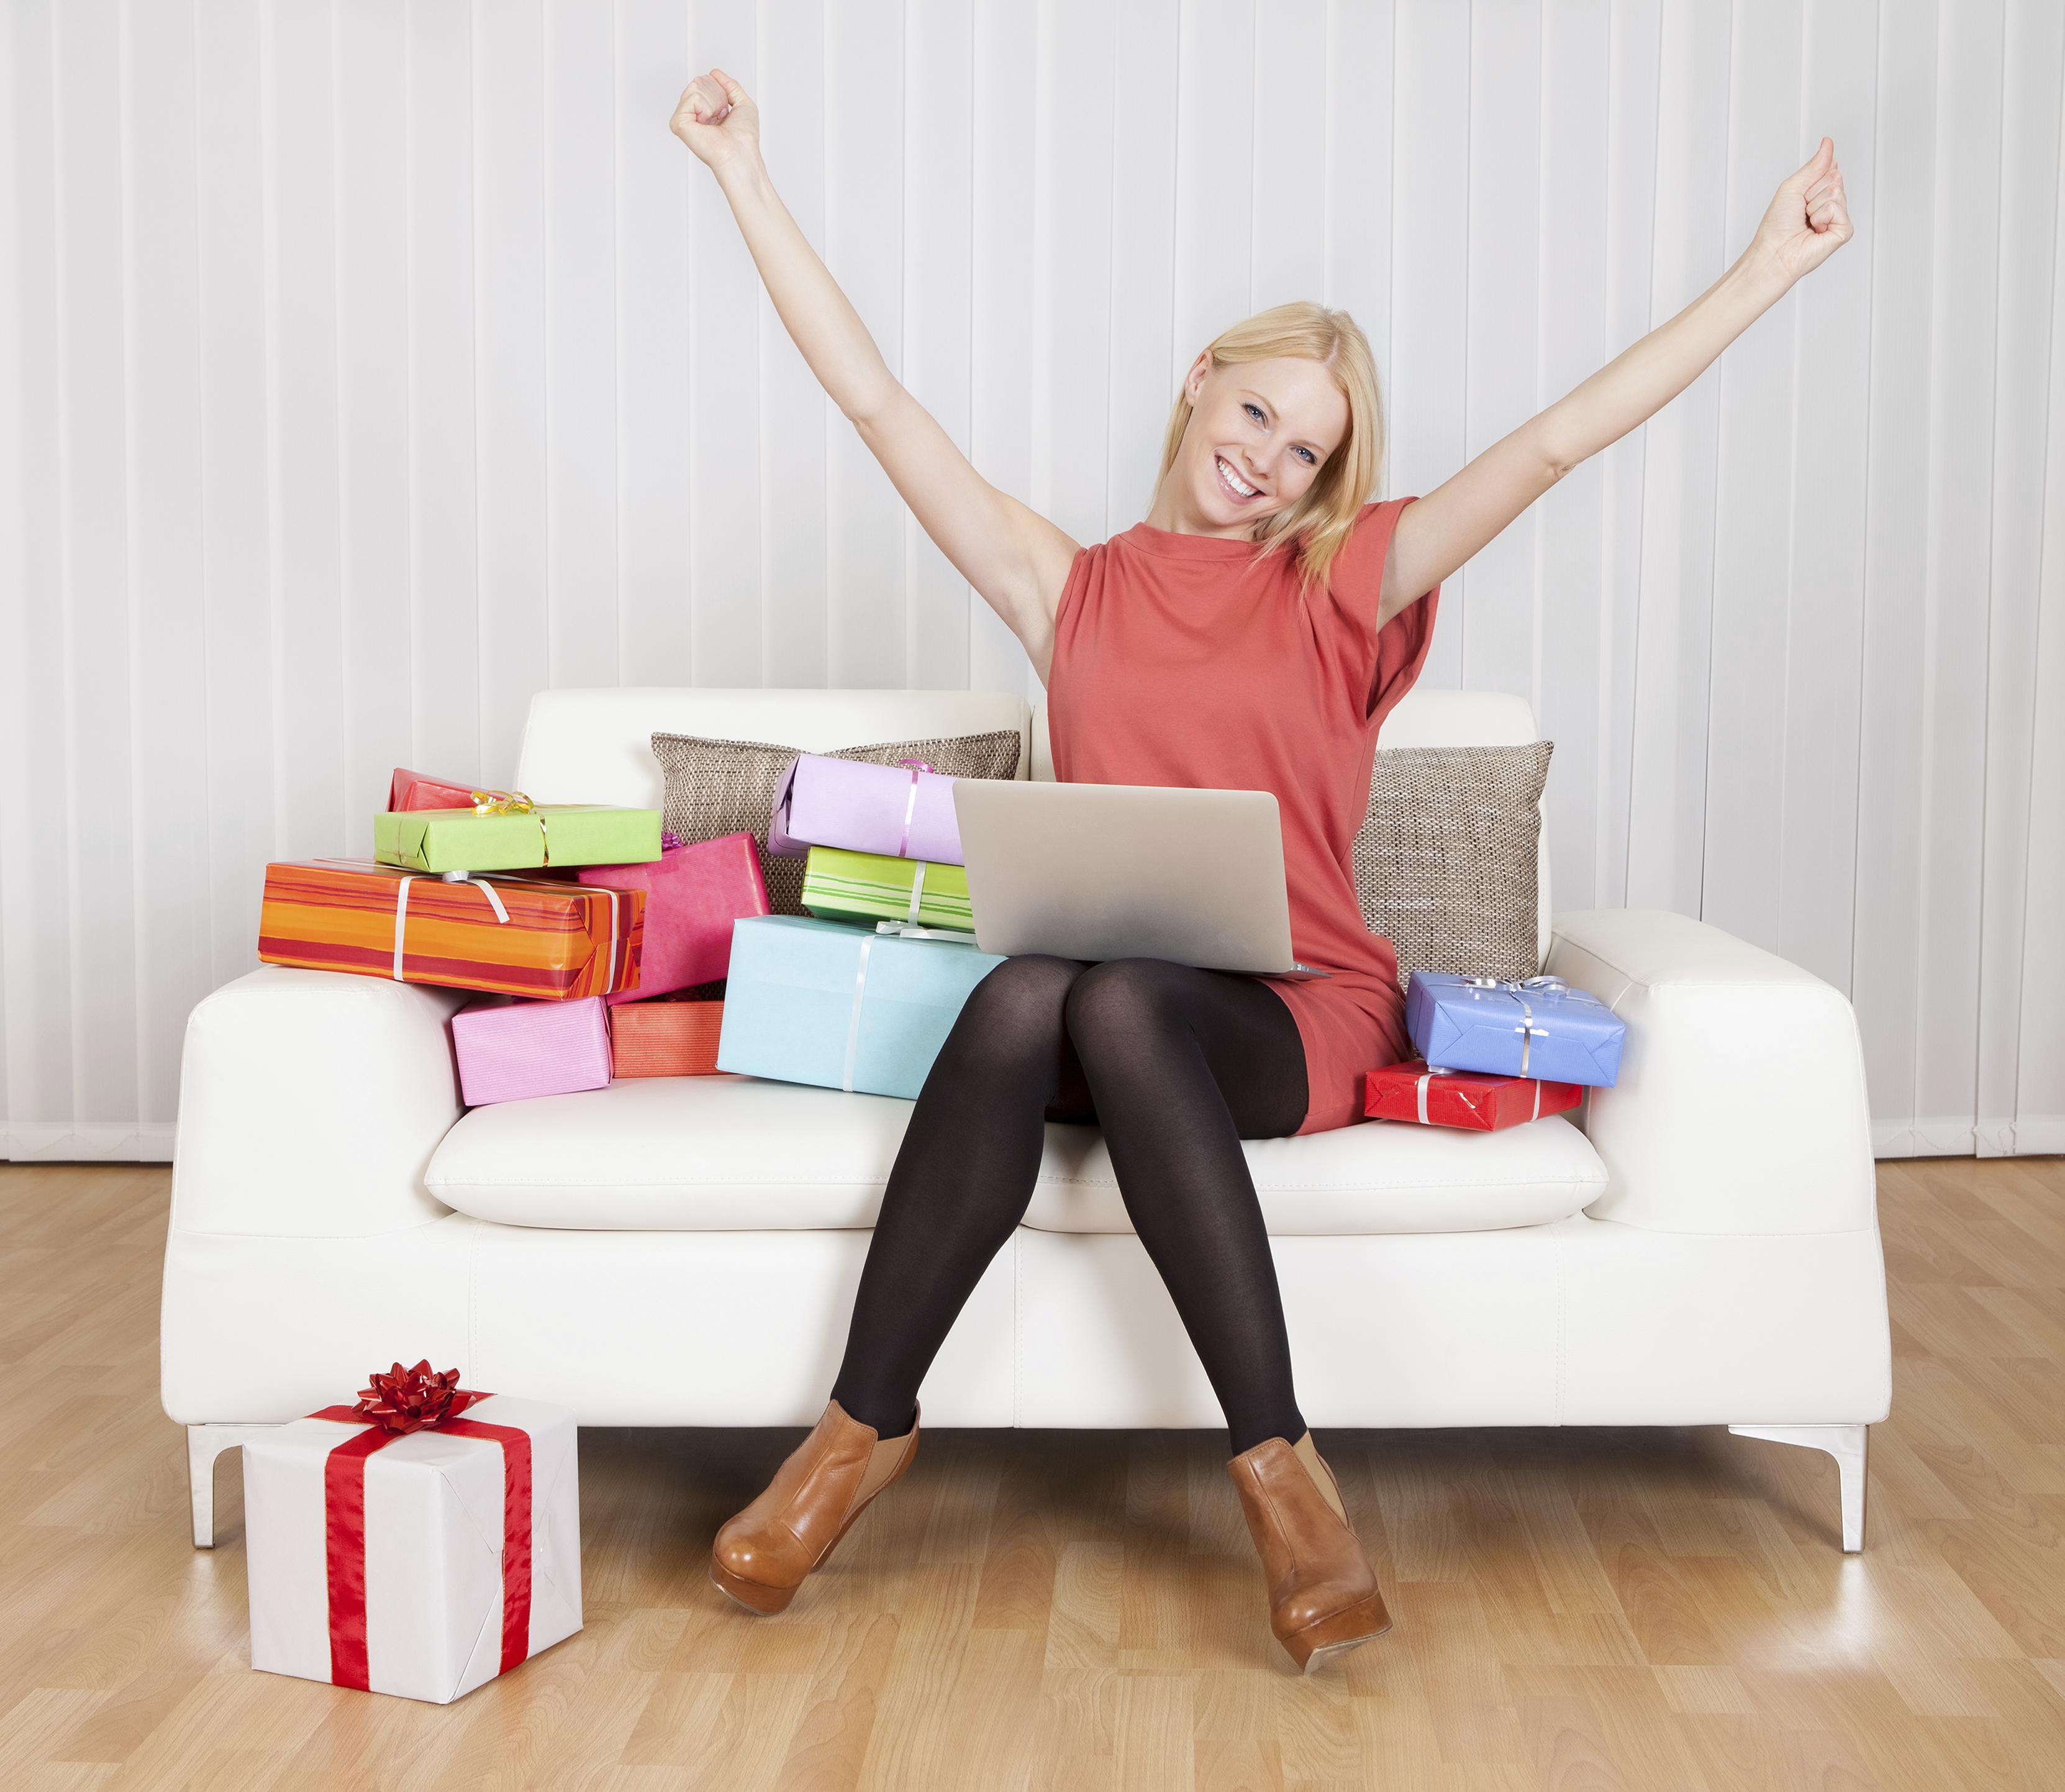 Bra shop online